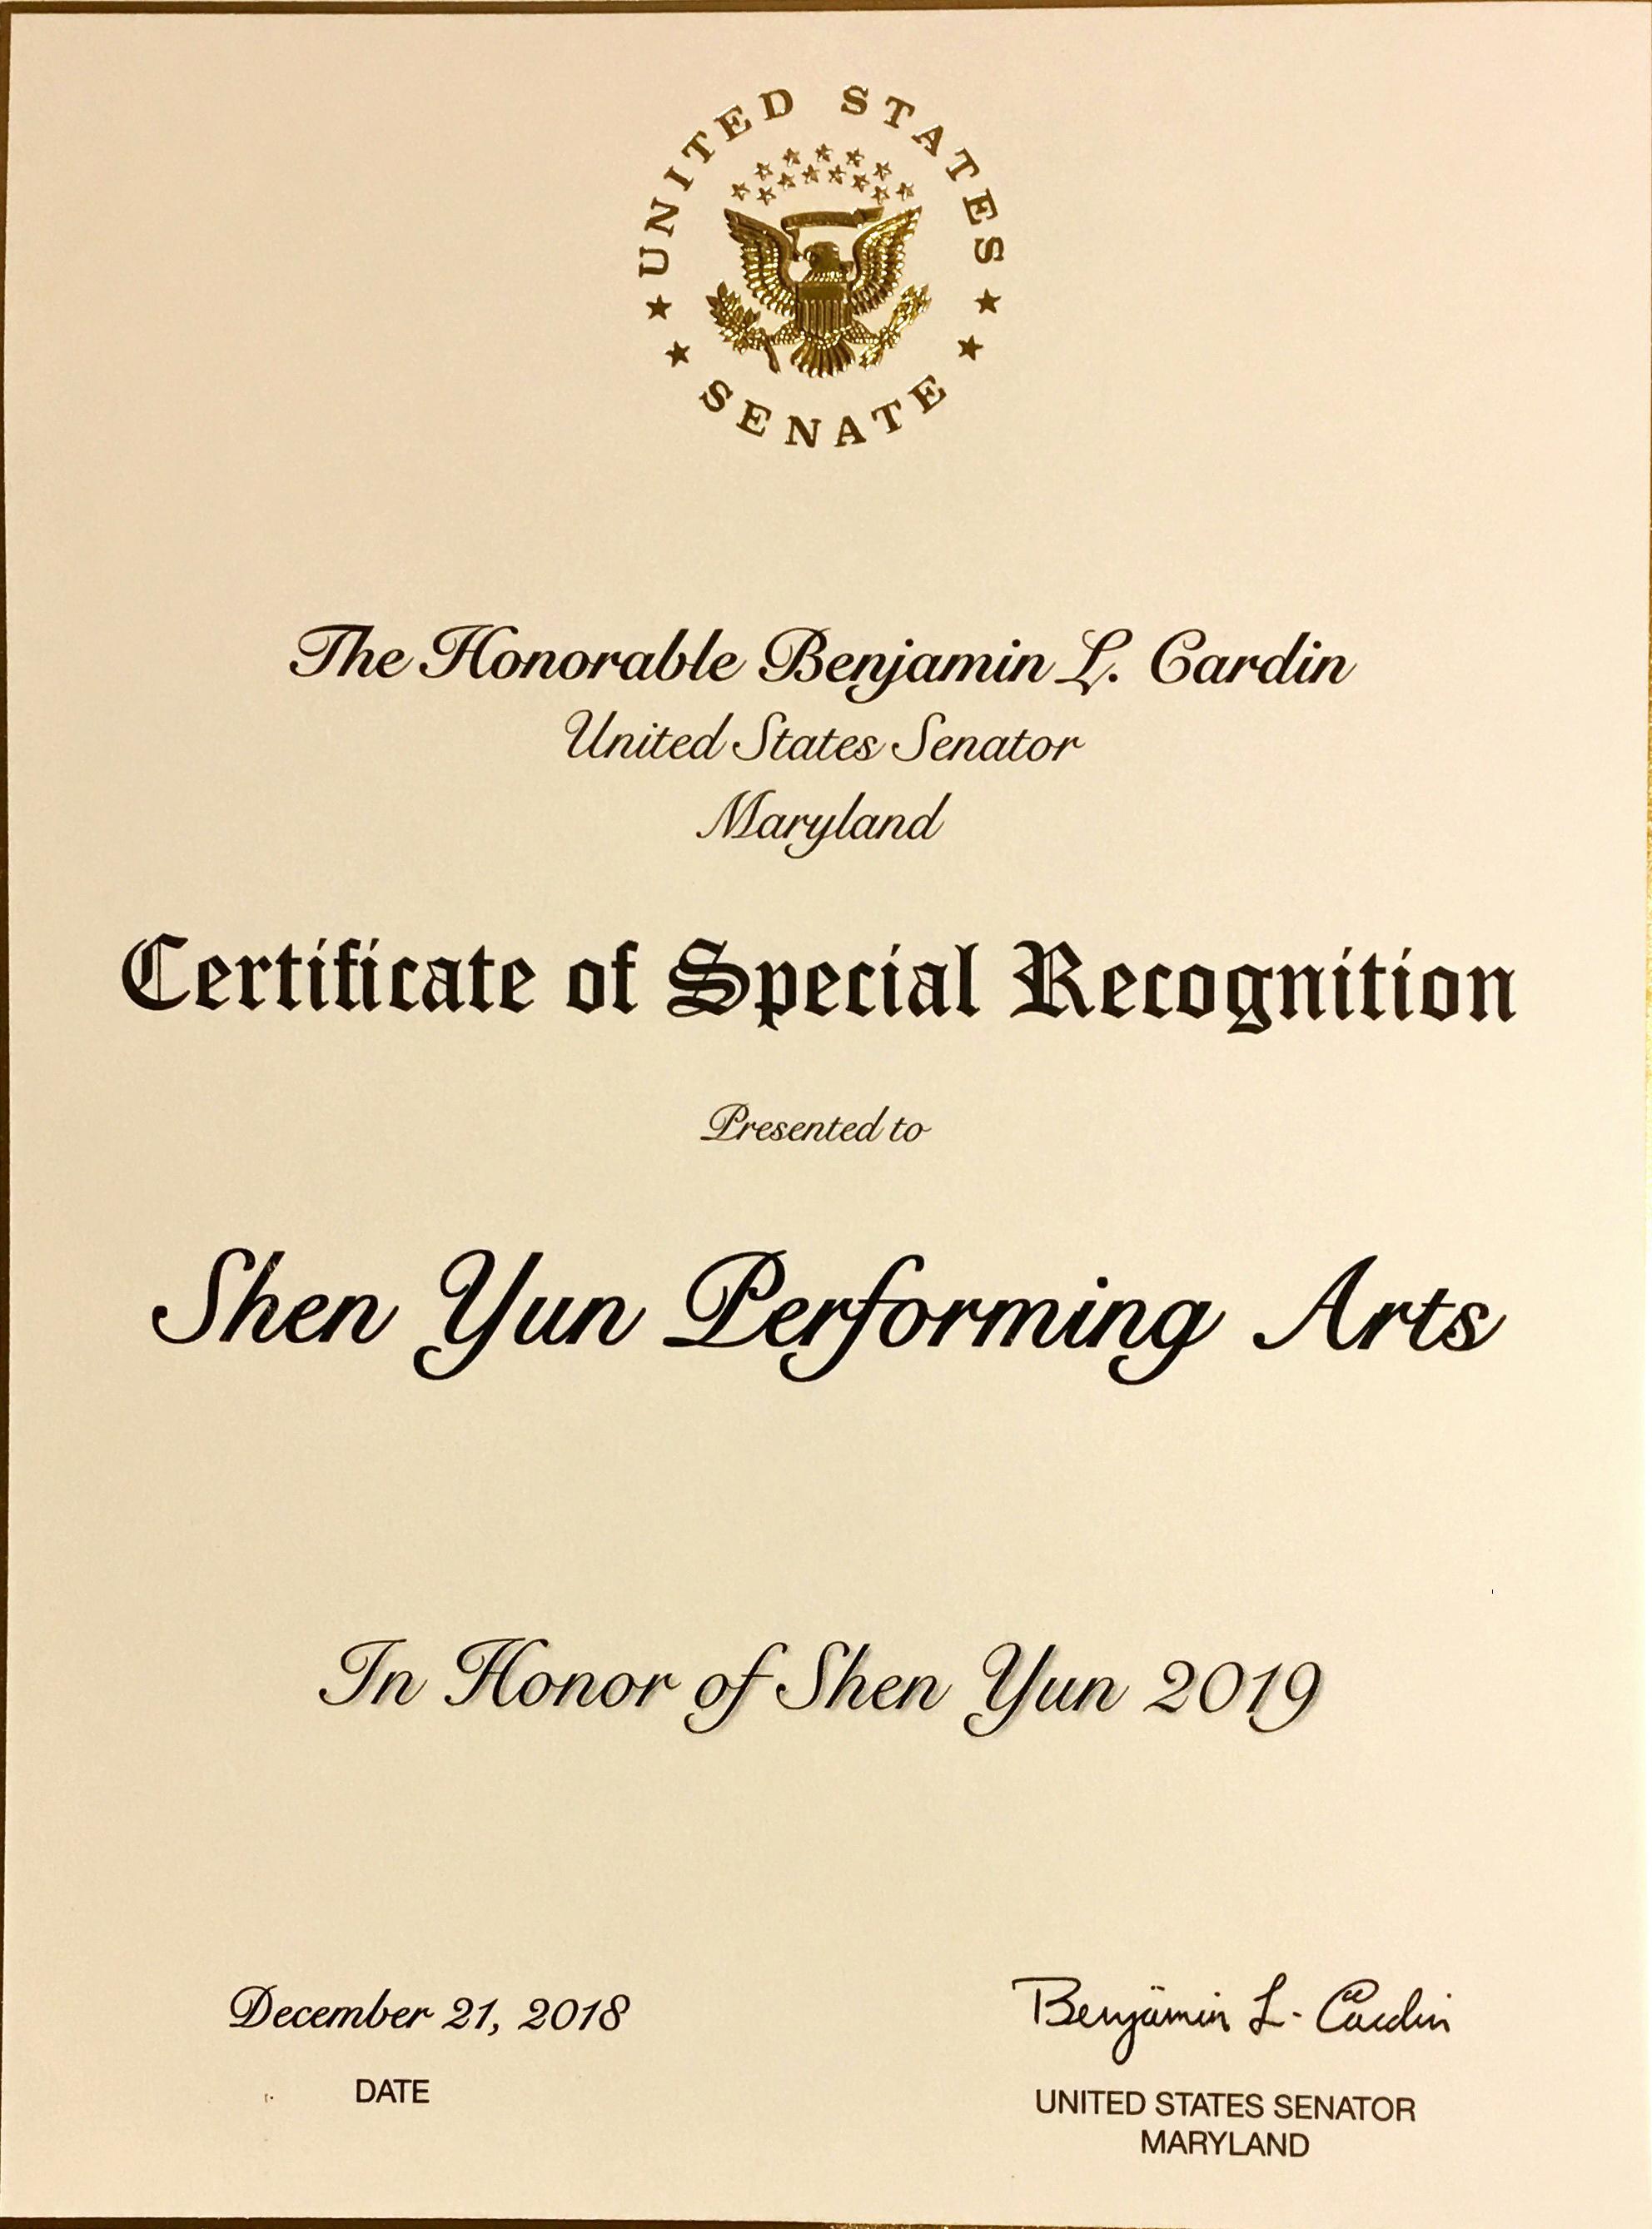 馬里蘭州巴爾的摩演出前夕,馬里蘭州聯邦參議員Benjamin Cardin向神韻藝術團發來的褒獎證書。(大紀元圖片)